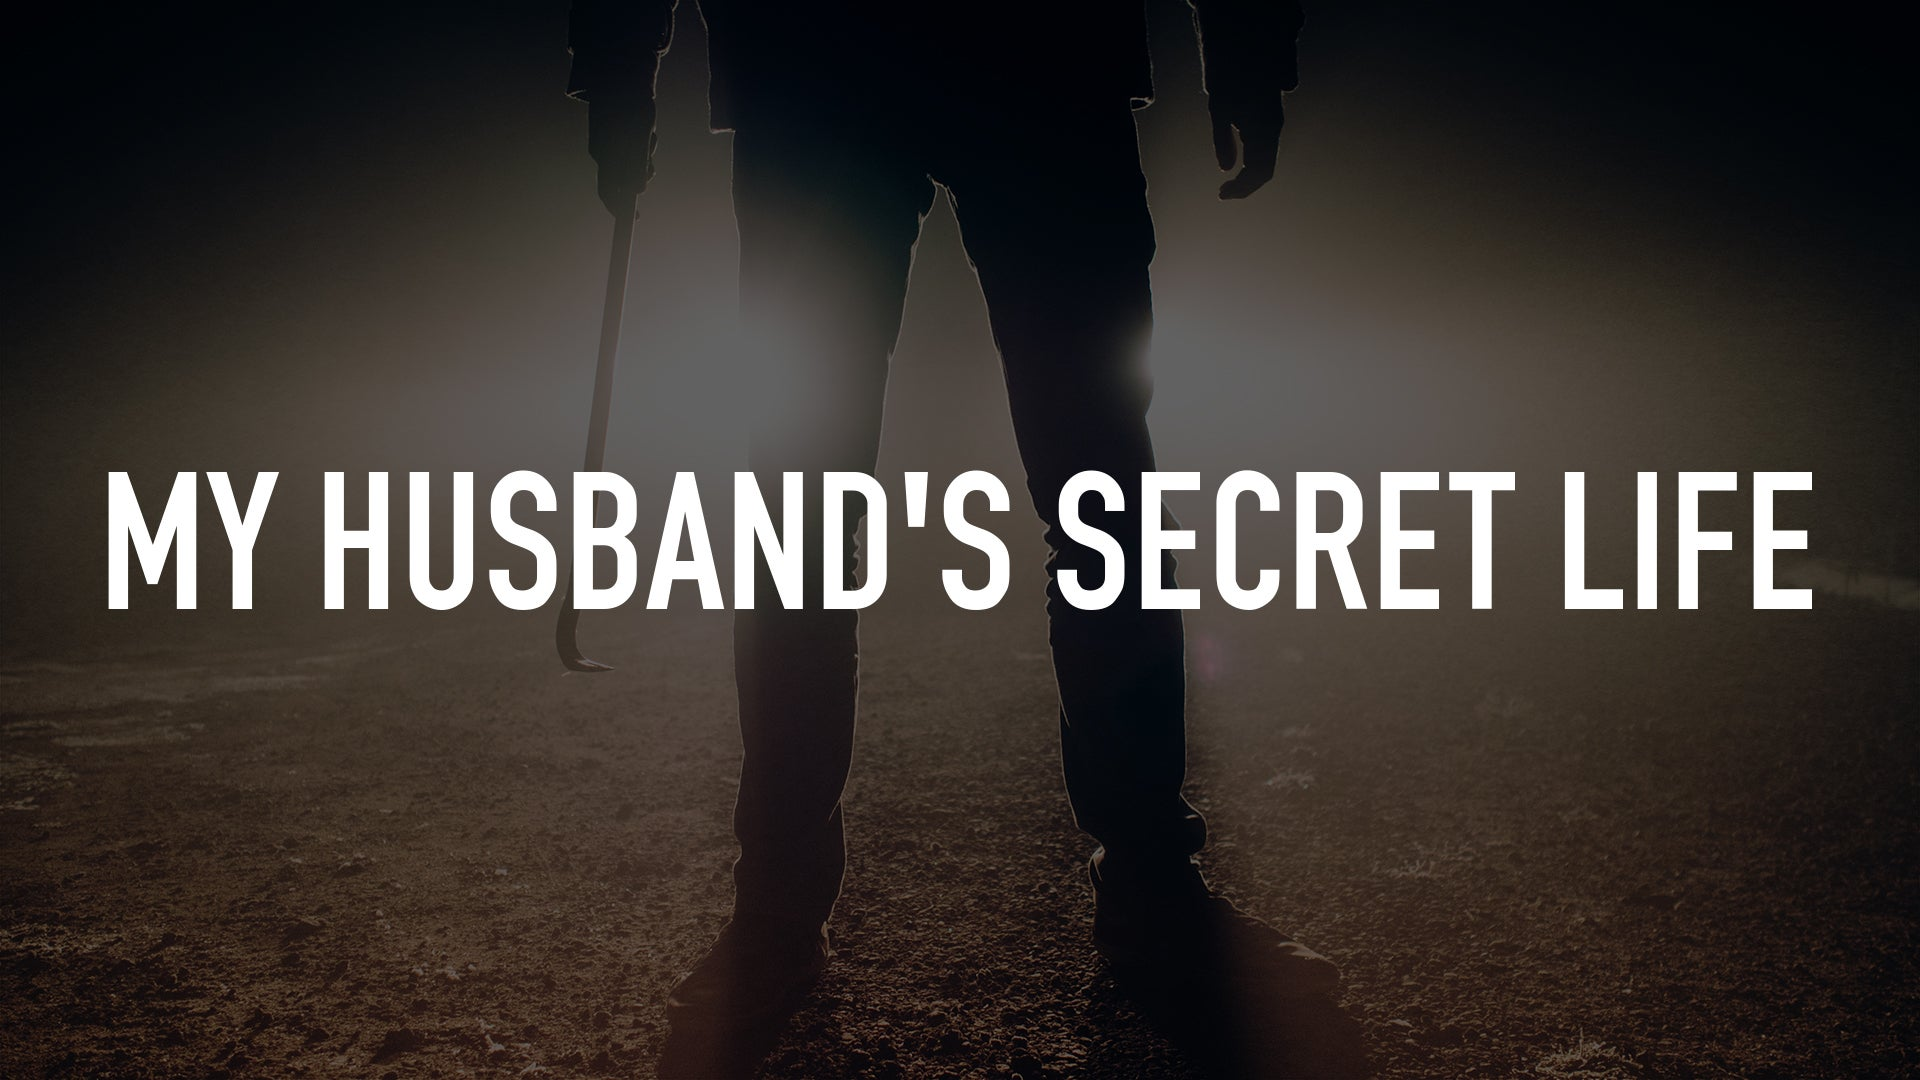 My Husband's Secret Life